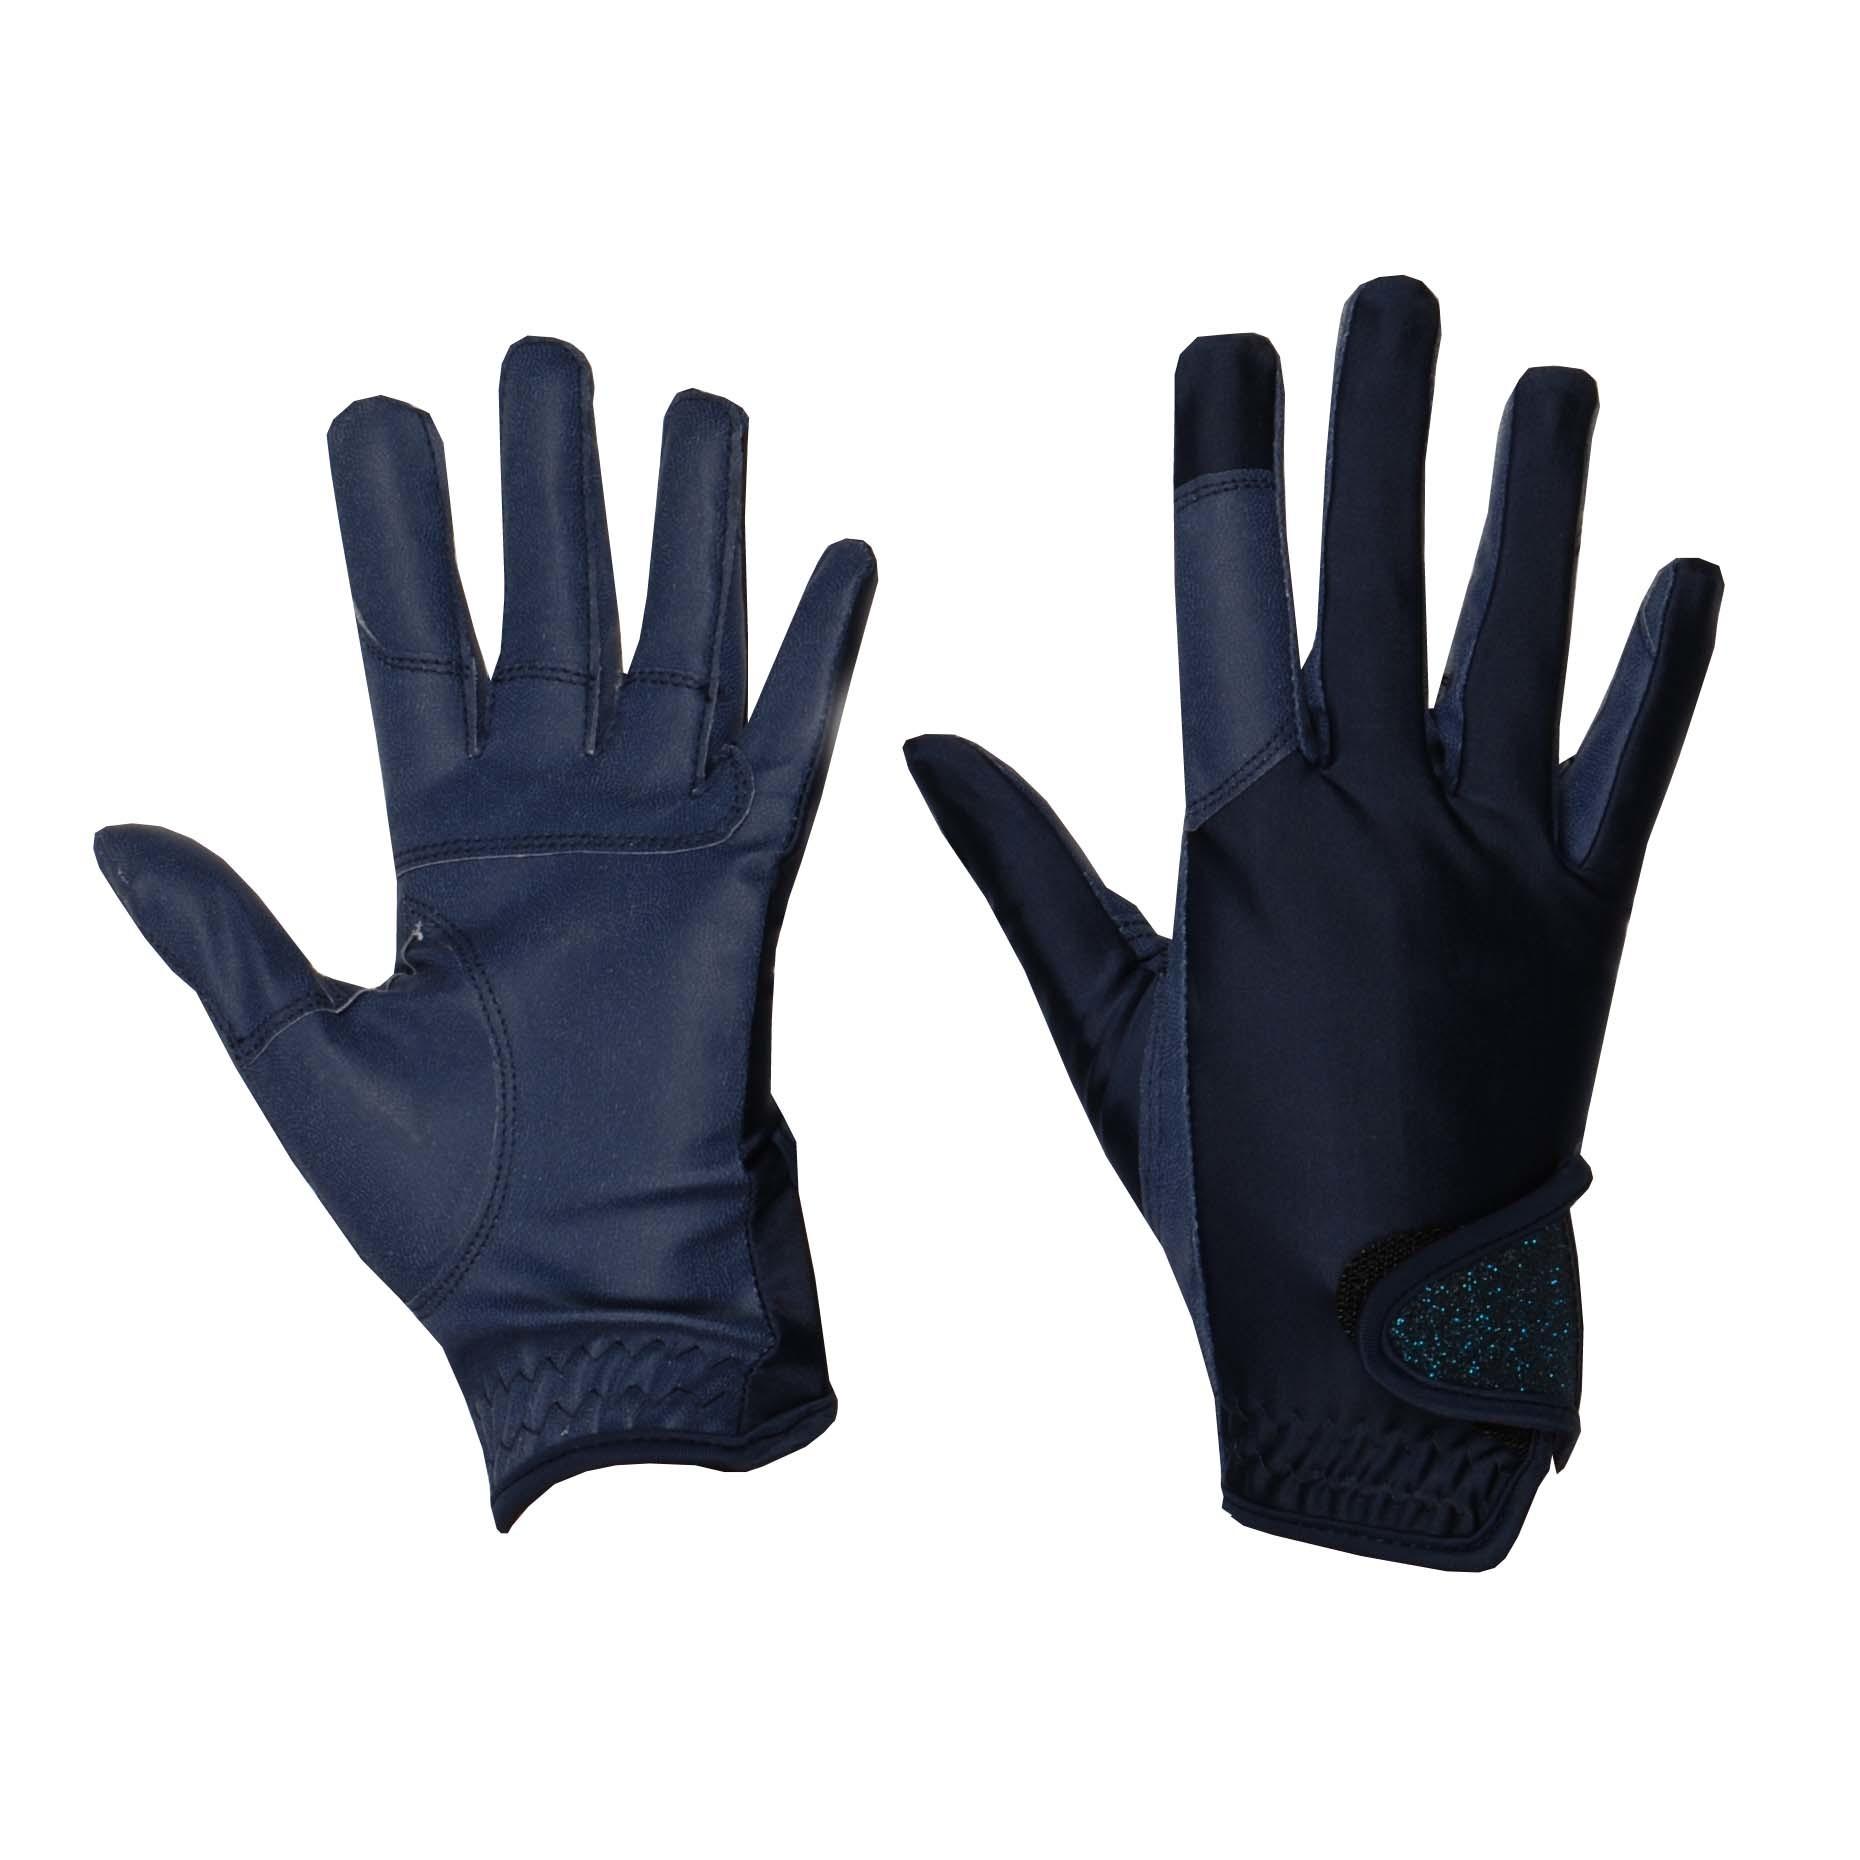 Mondoni Medellin handschoenen donkerblauw maat:xxs